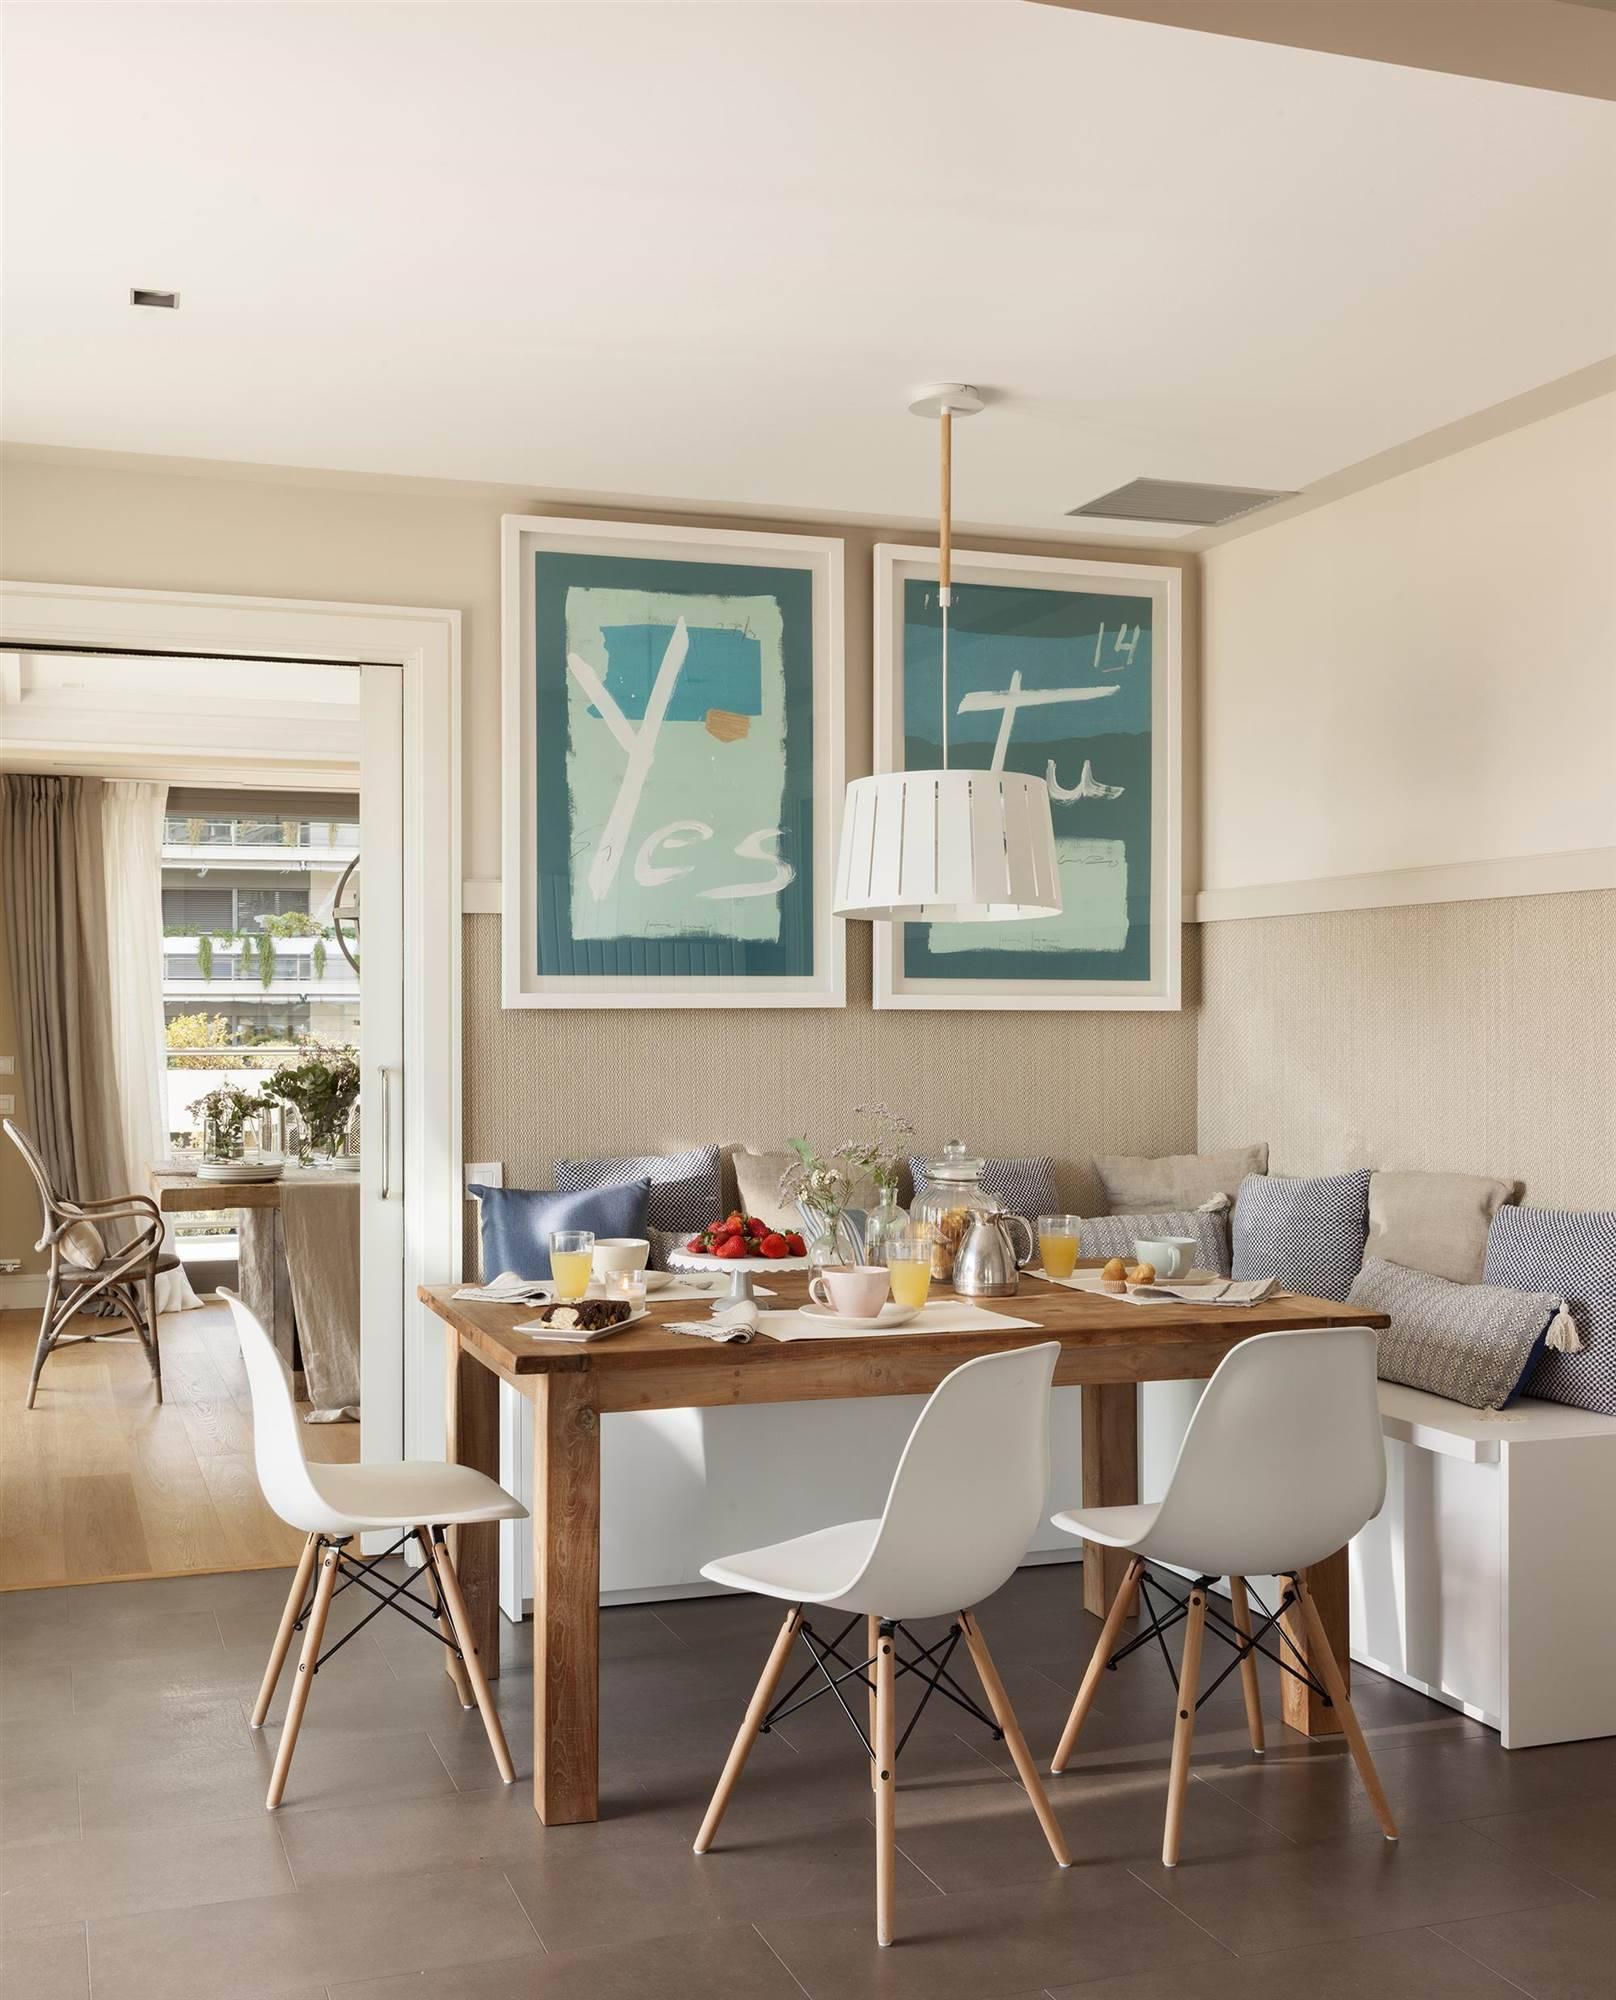 office-en-la-cocina-con-sillas-eames-y-banco-de-cojines 00427901. PUERTA CORREDERA